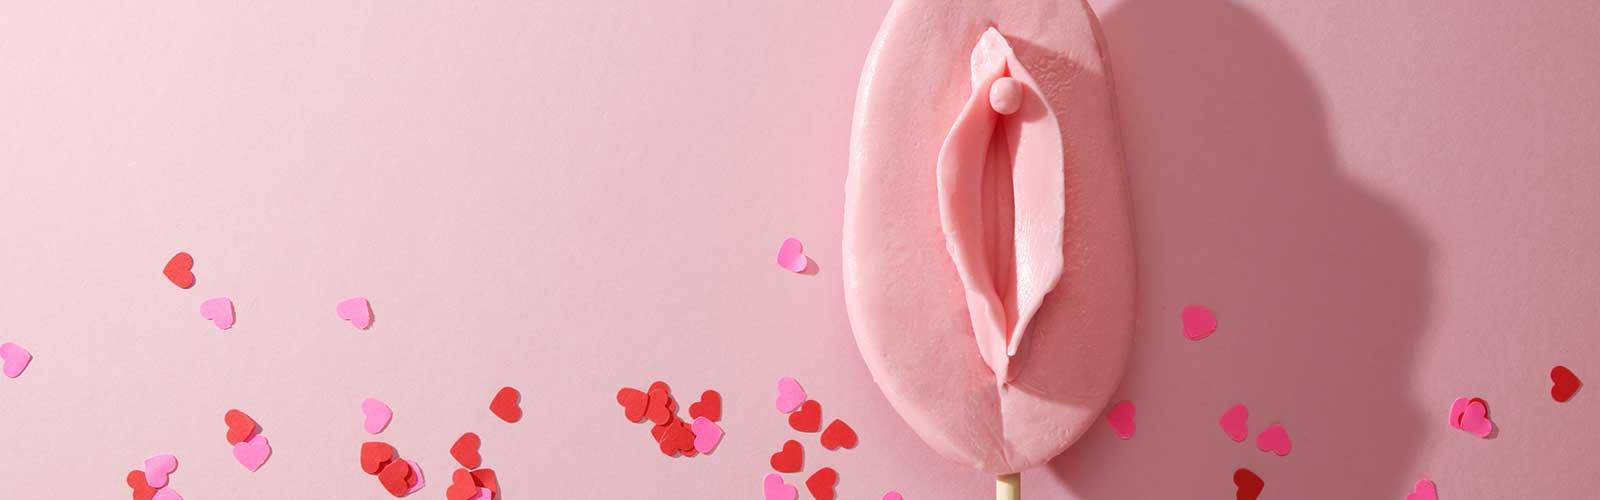 Klitorisvibrator på sexleksaker365.se